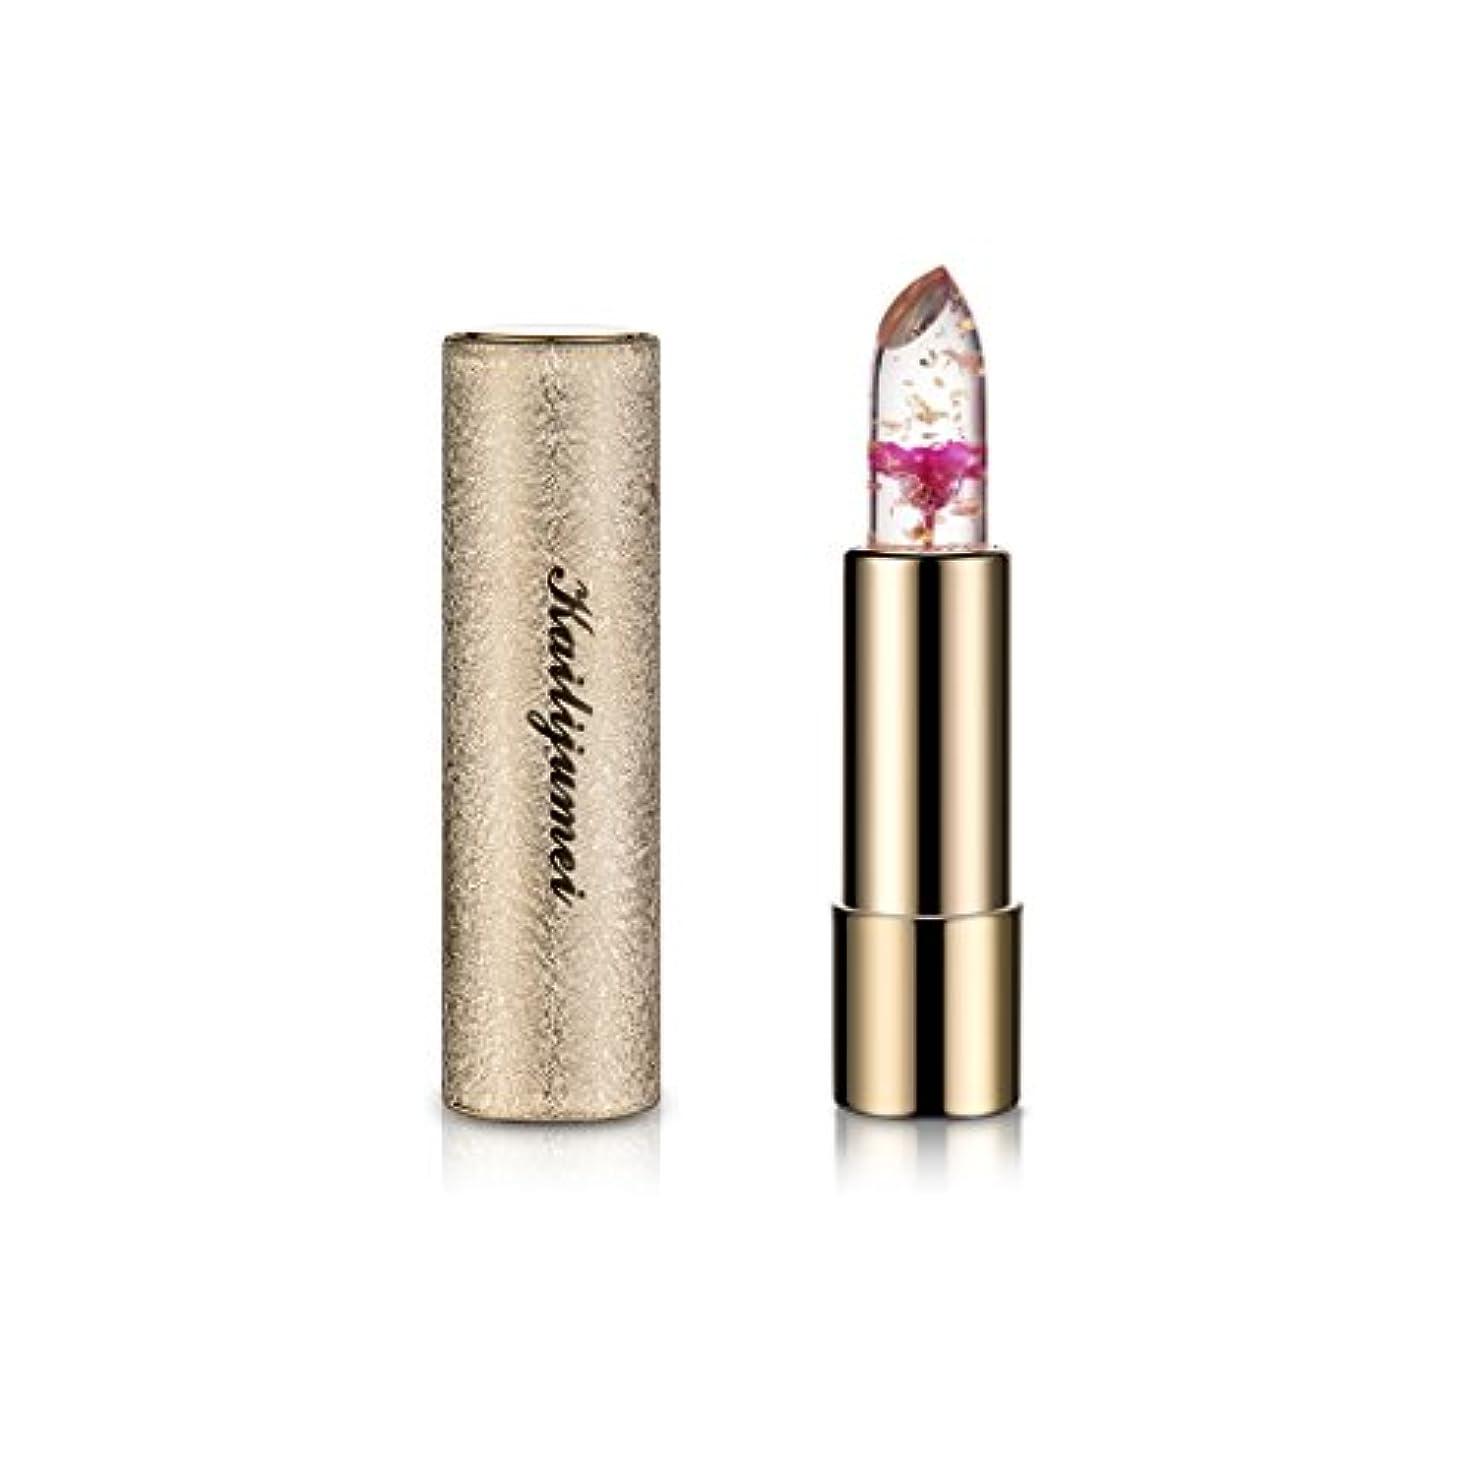 正当化する生命体彼日本限定モデル 新作 kailijumei magic color lip 日本正規品 マジックカラー 唇の温度で色が変化するリップ 口紅 リップバーム カイリジュメイ ドライフラワー お花 (FLAME RED(レッド))